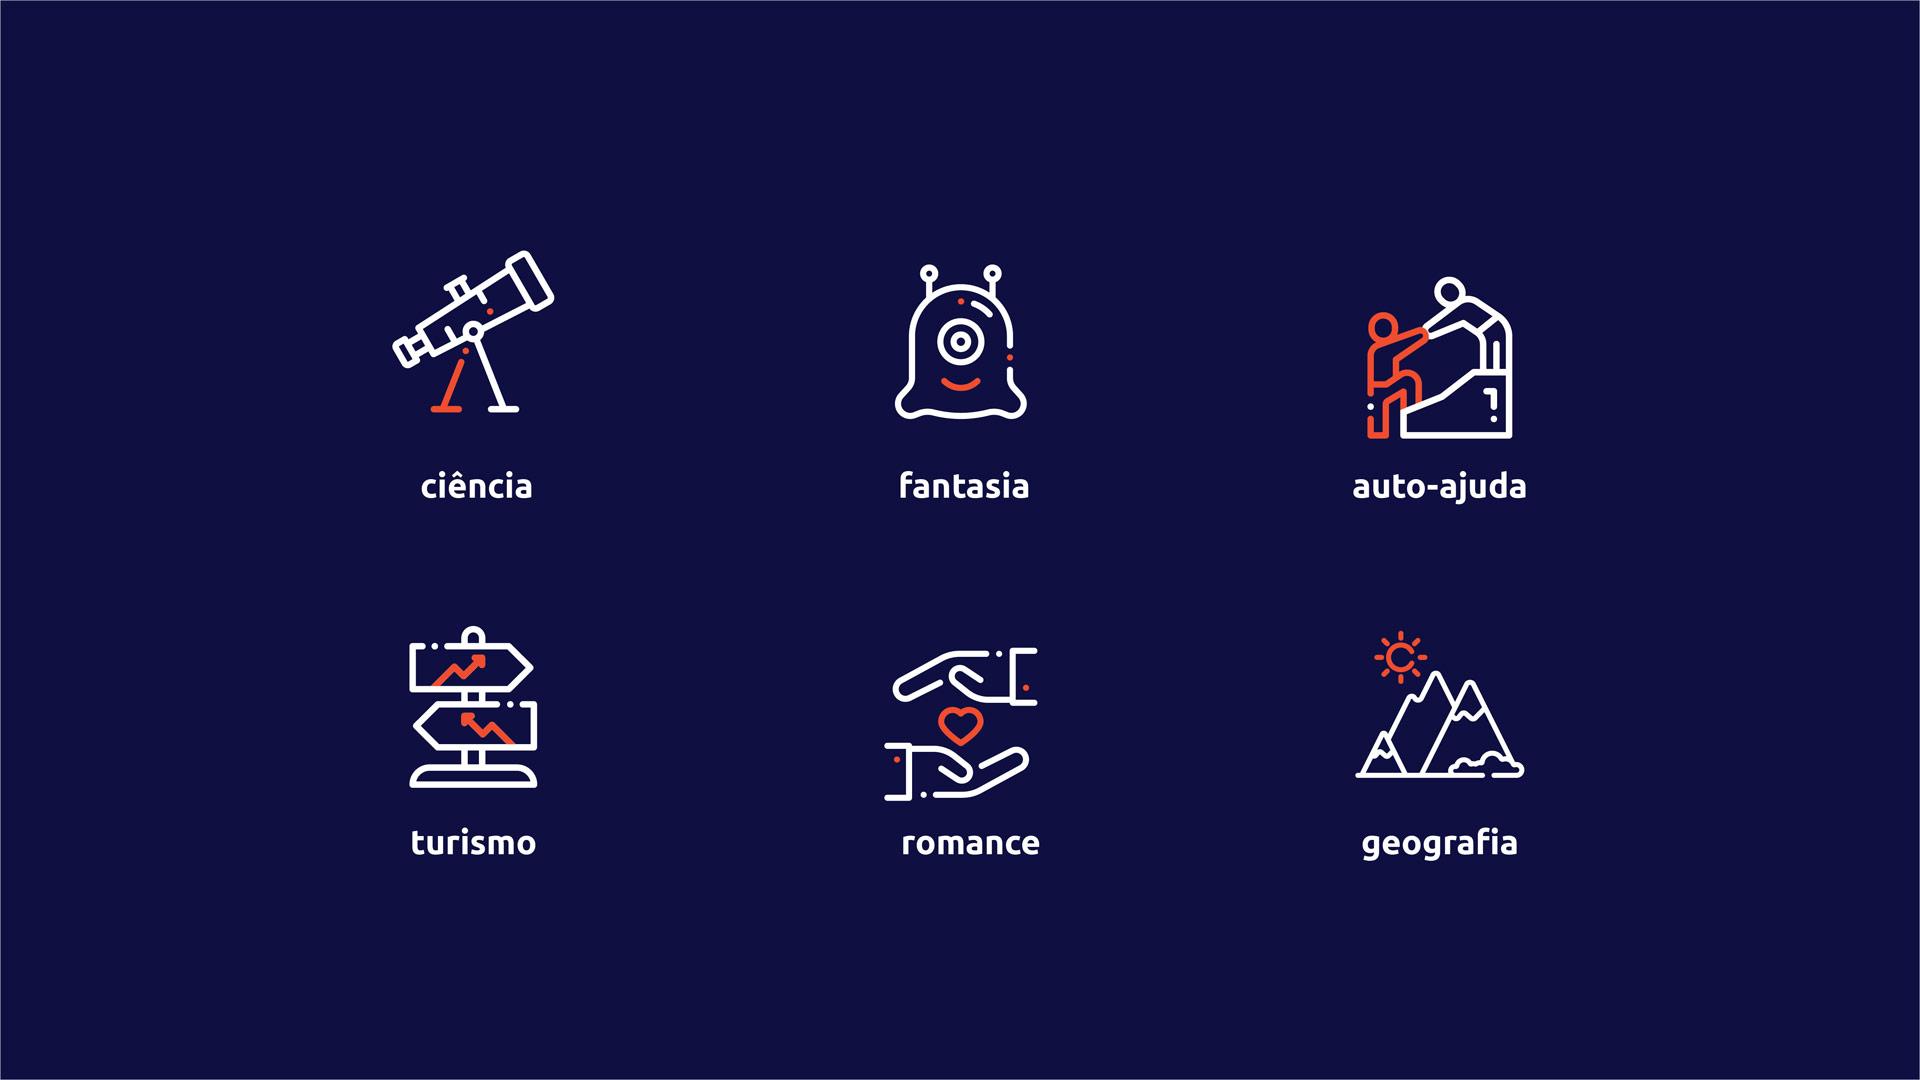 icones-nossolivro02-baixa